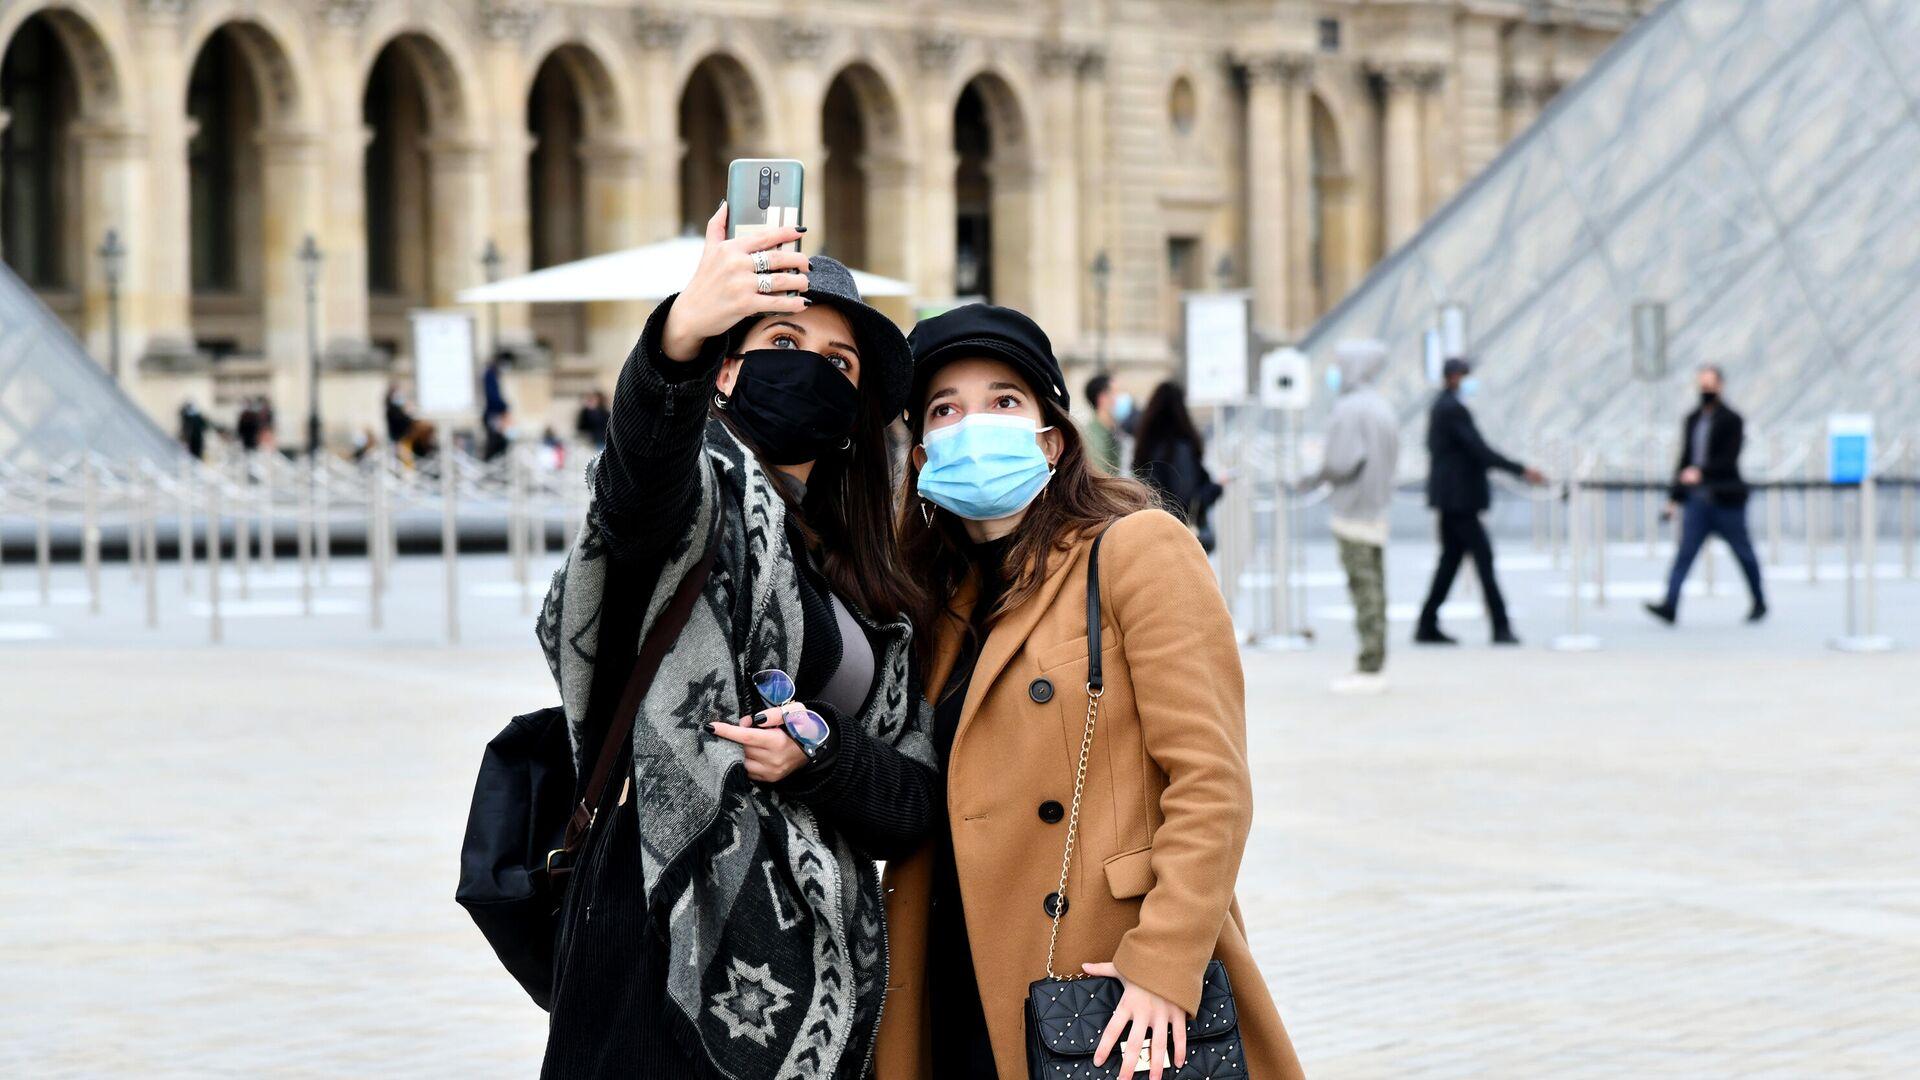 Девушки в масках фотографируются на площади у входа в музей Лувр в Париже - РИА Новости, 1920, 21.11.2020